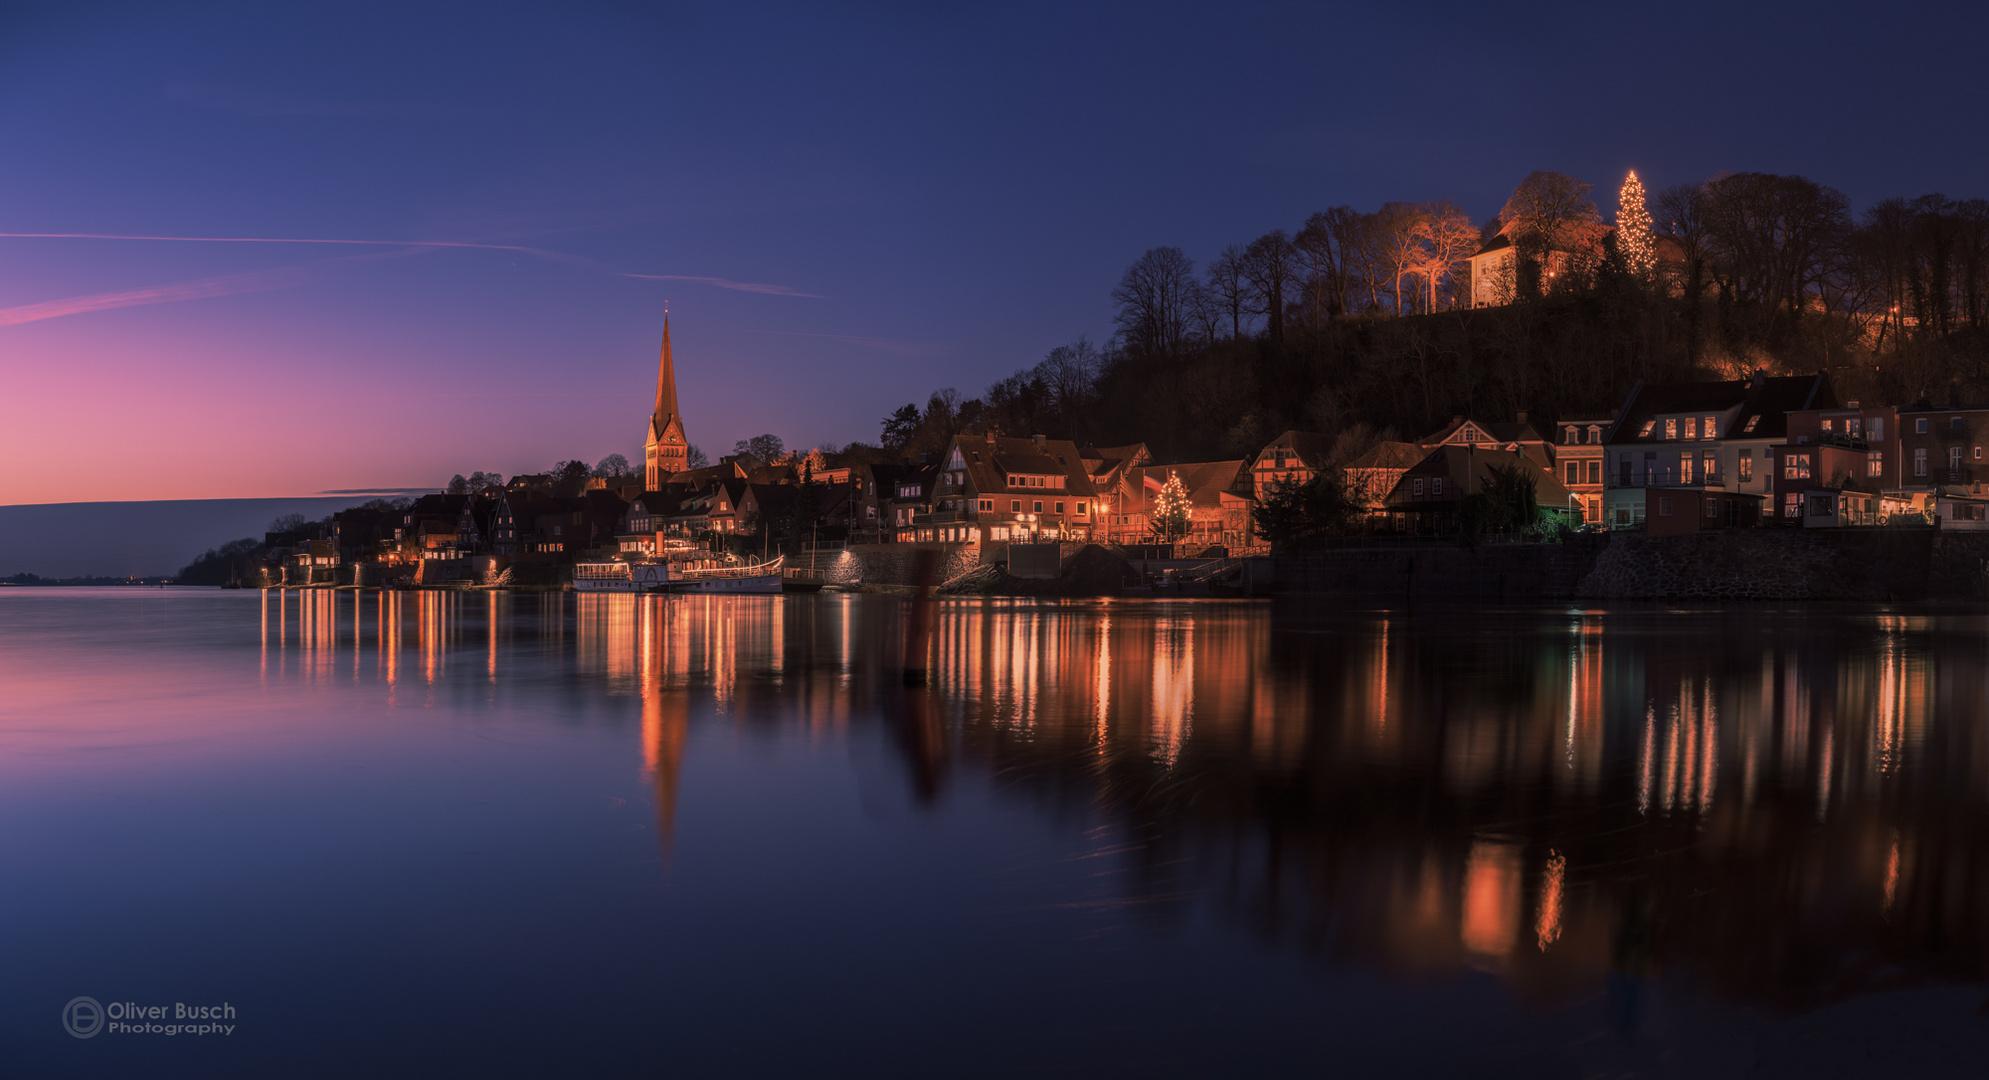 Nightfall over Lauenburg